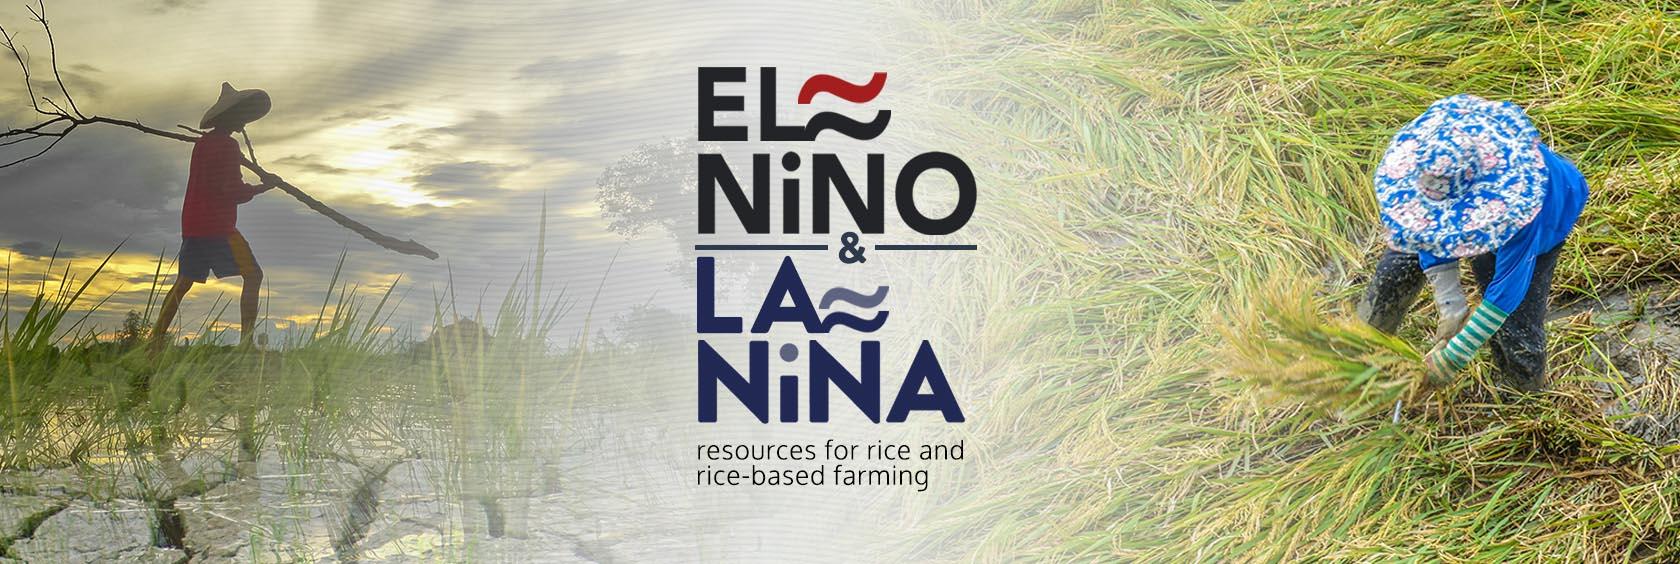 La-nina-El-Nino-slide